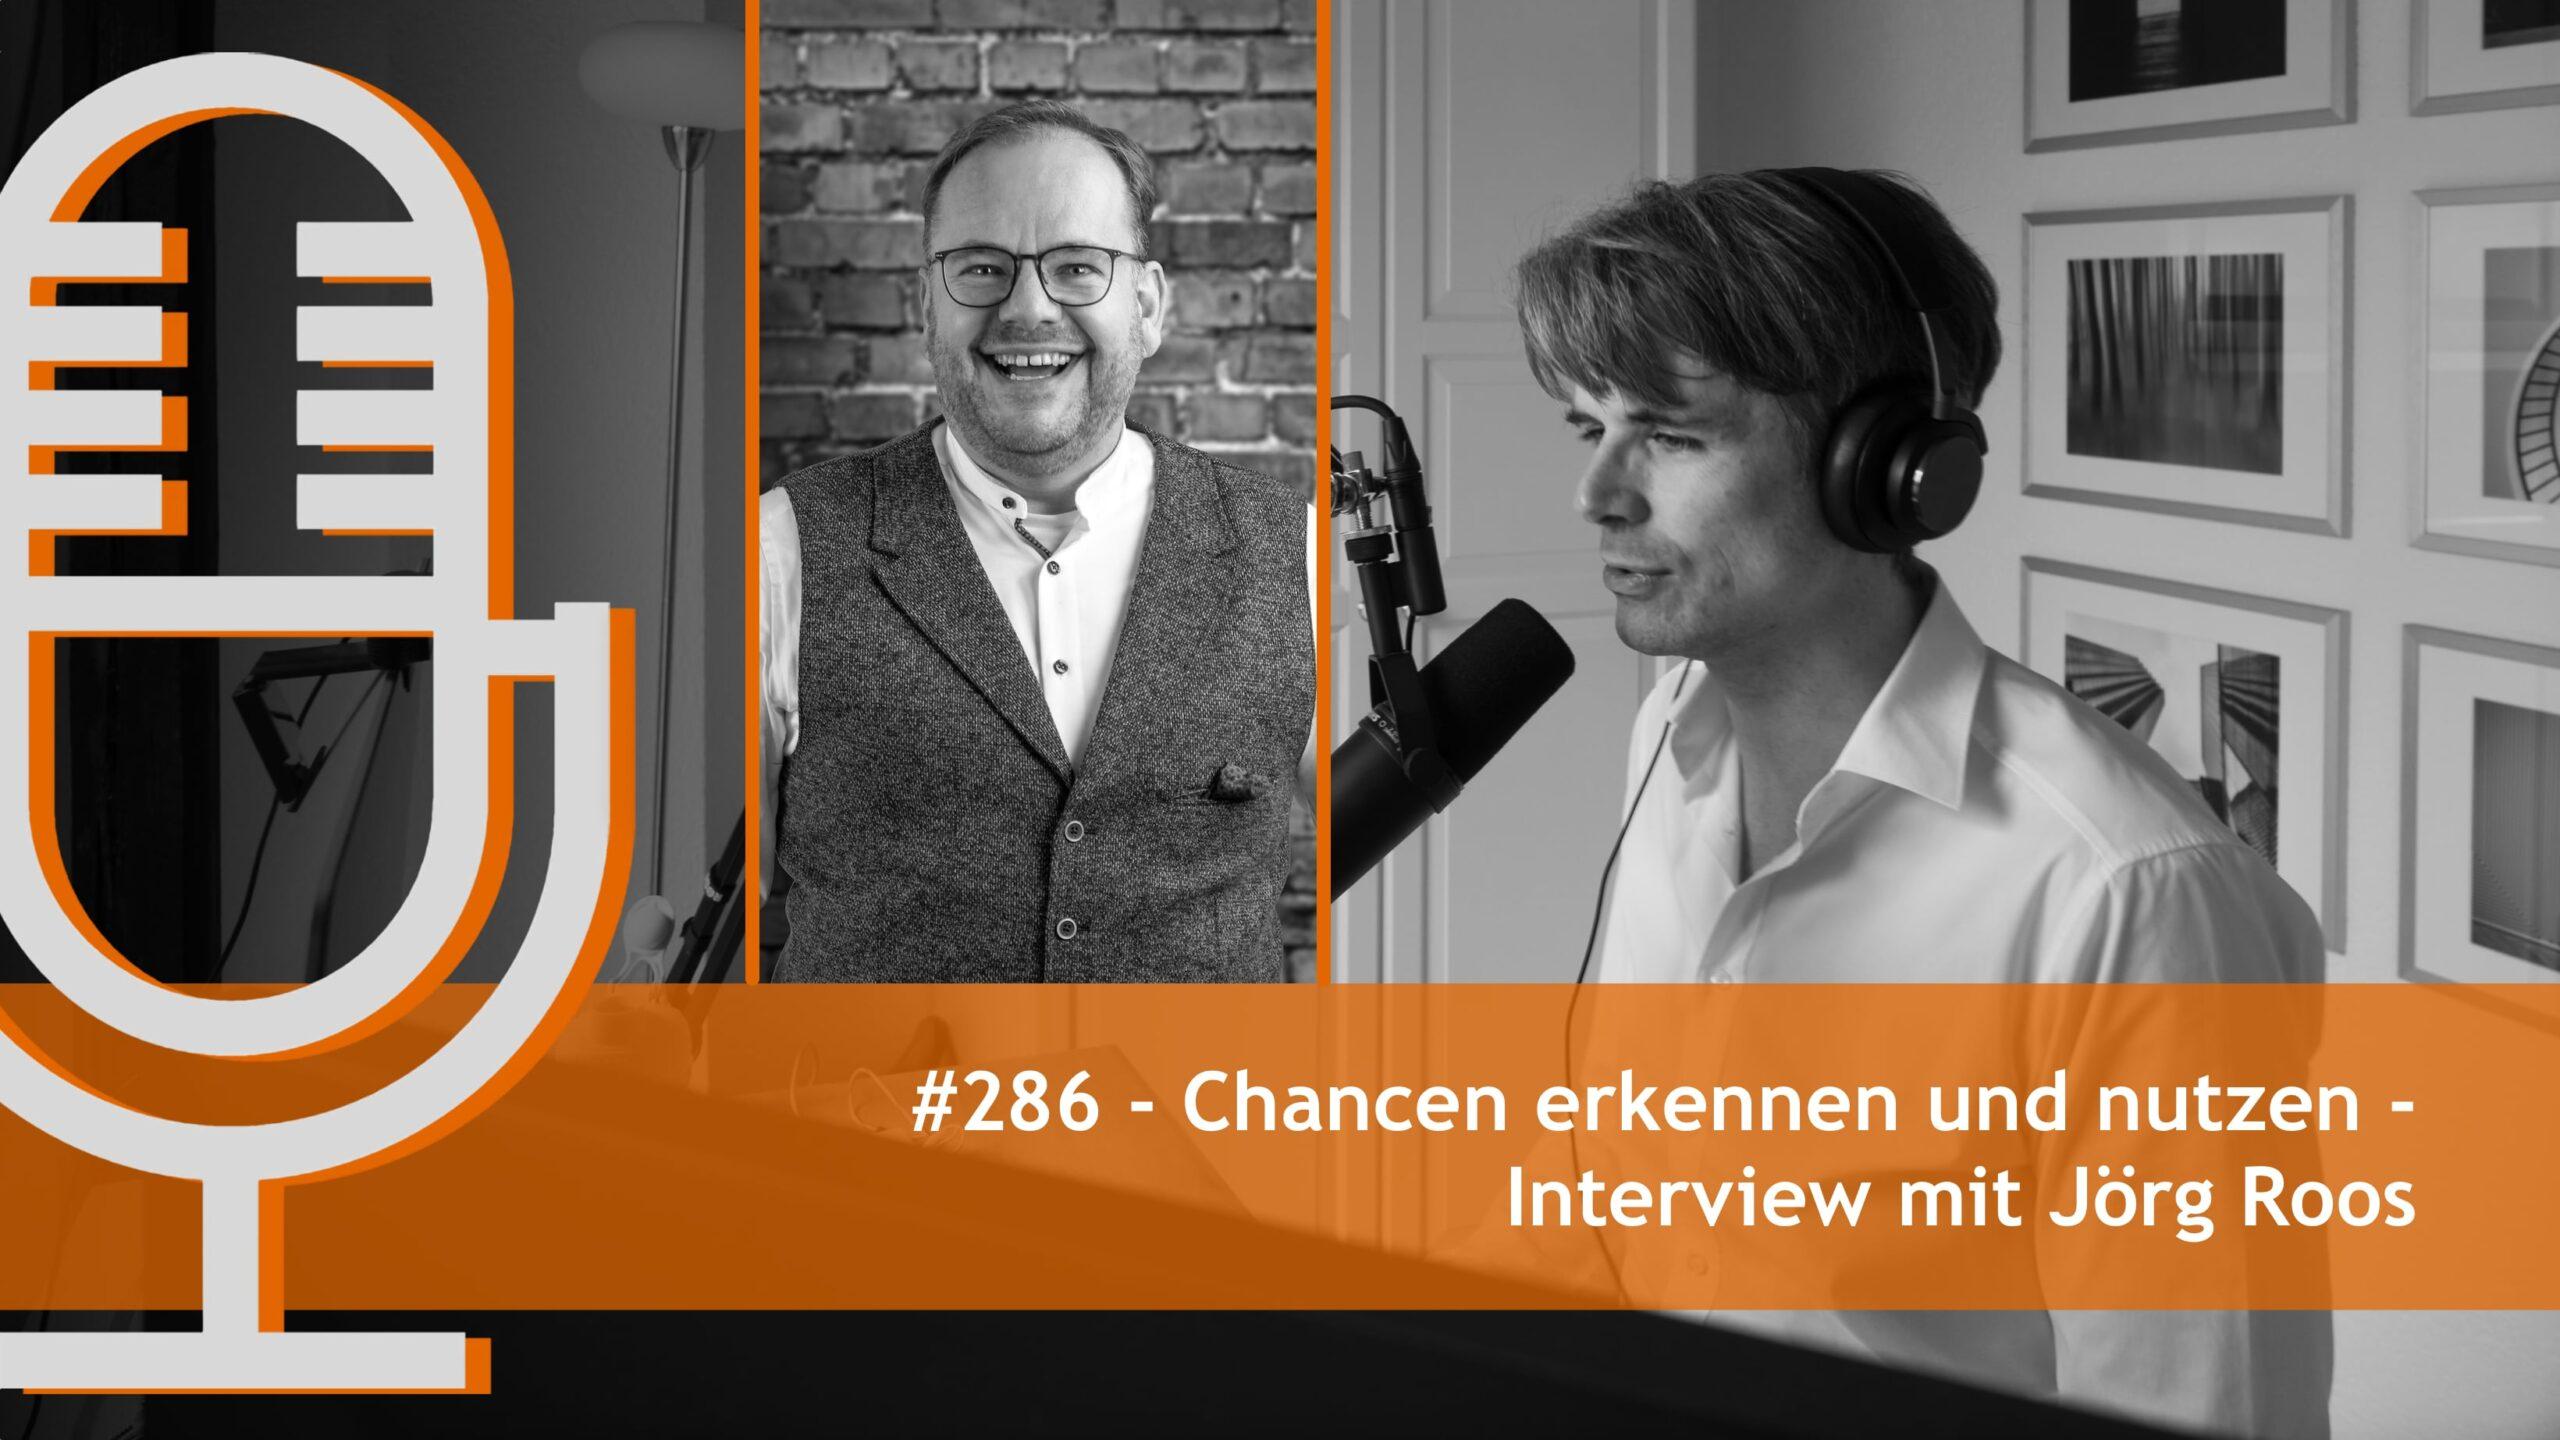 Chancen erkennen und nutzen - Interview mit Jörg Roos